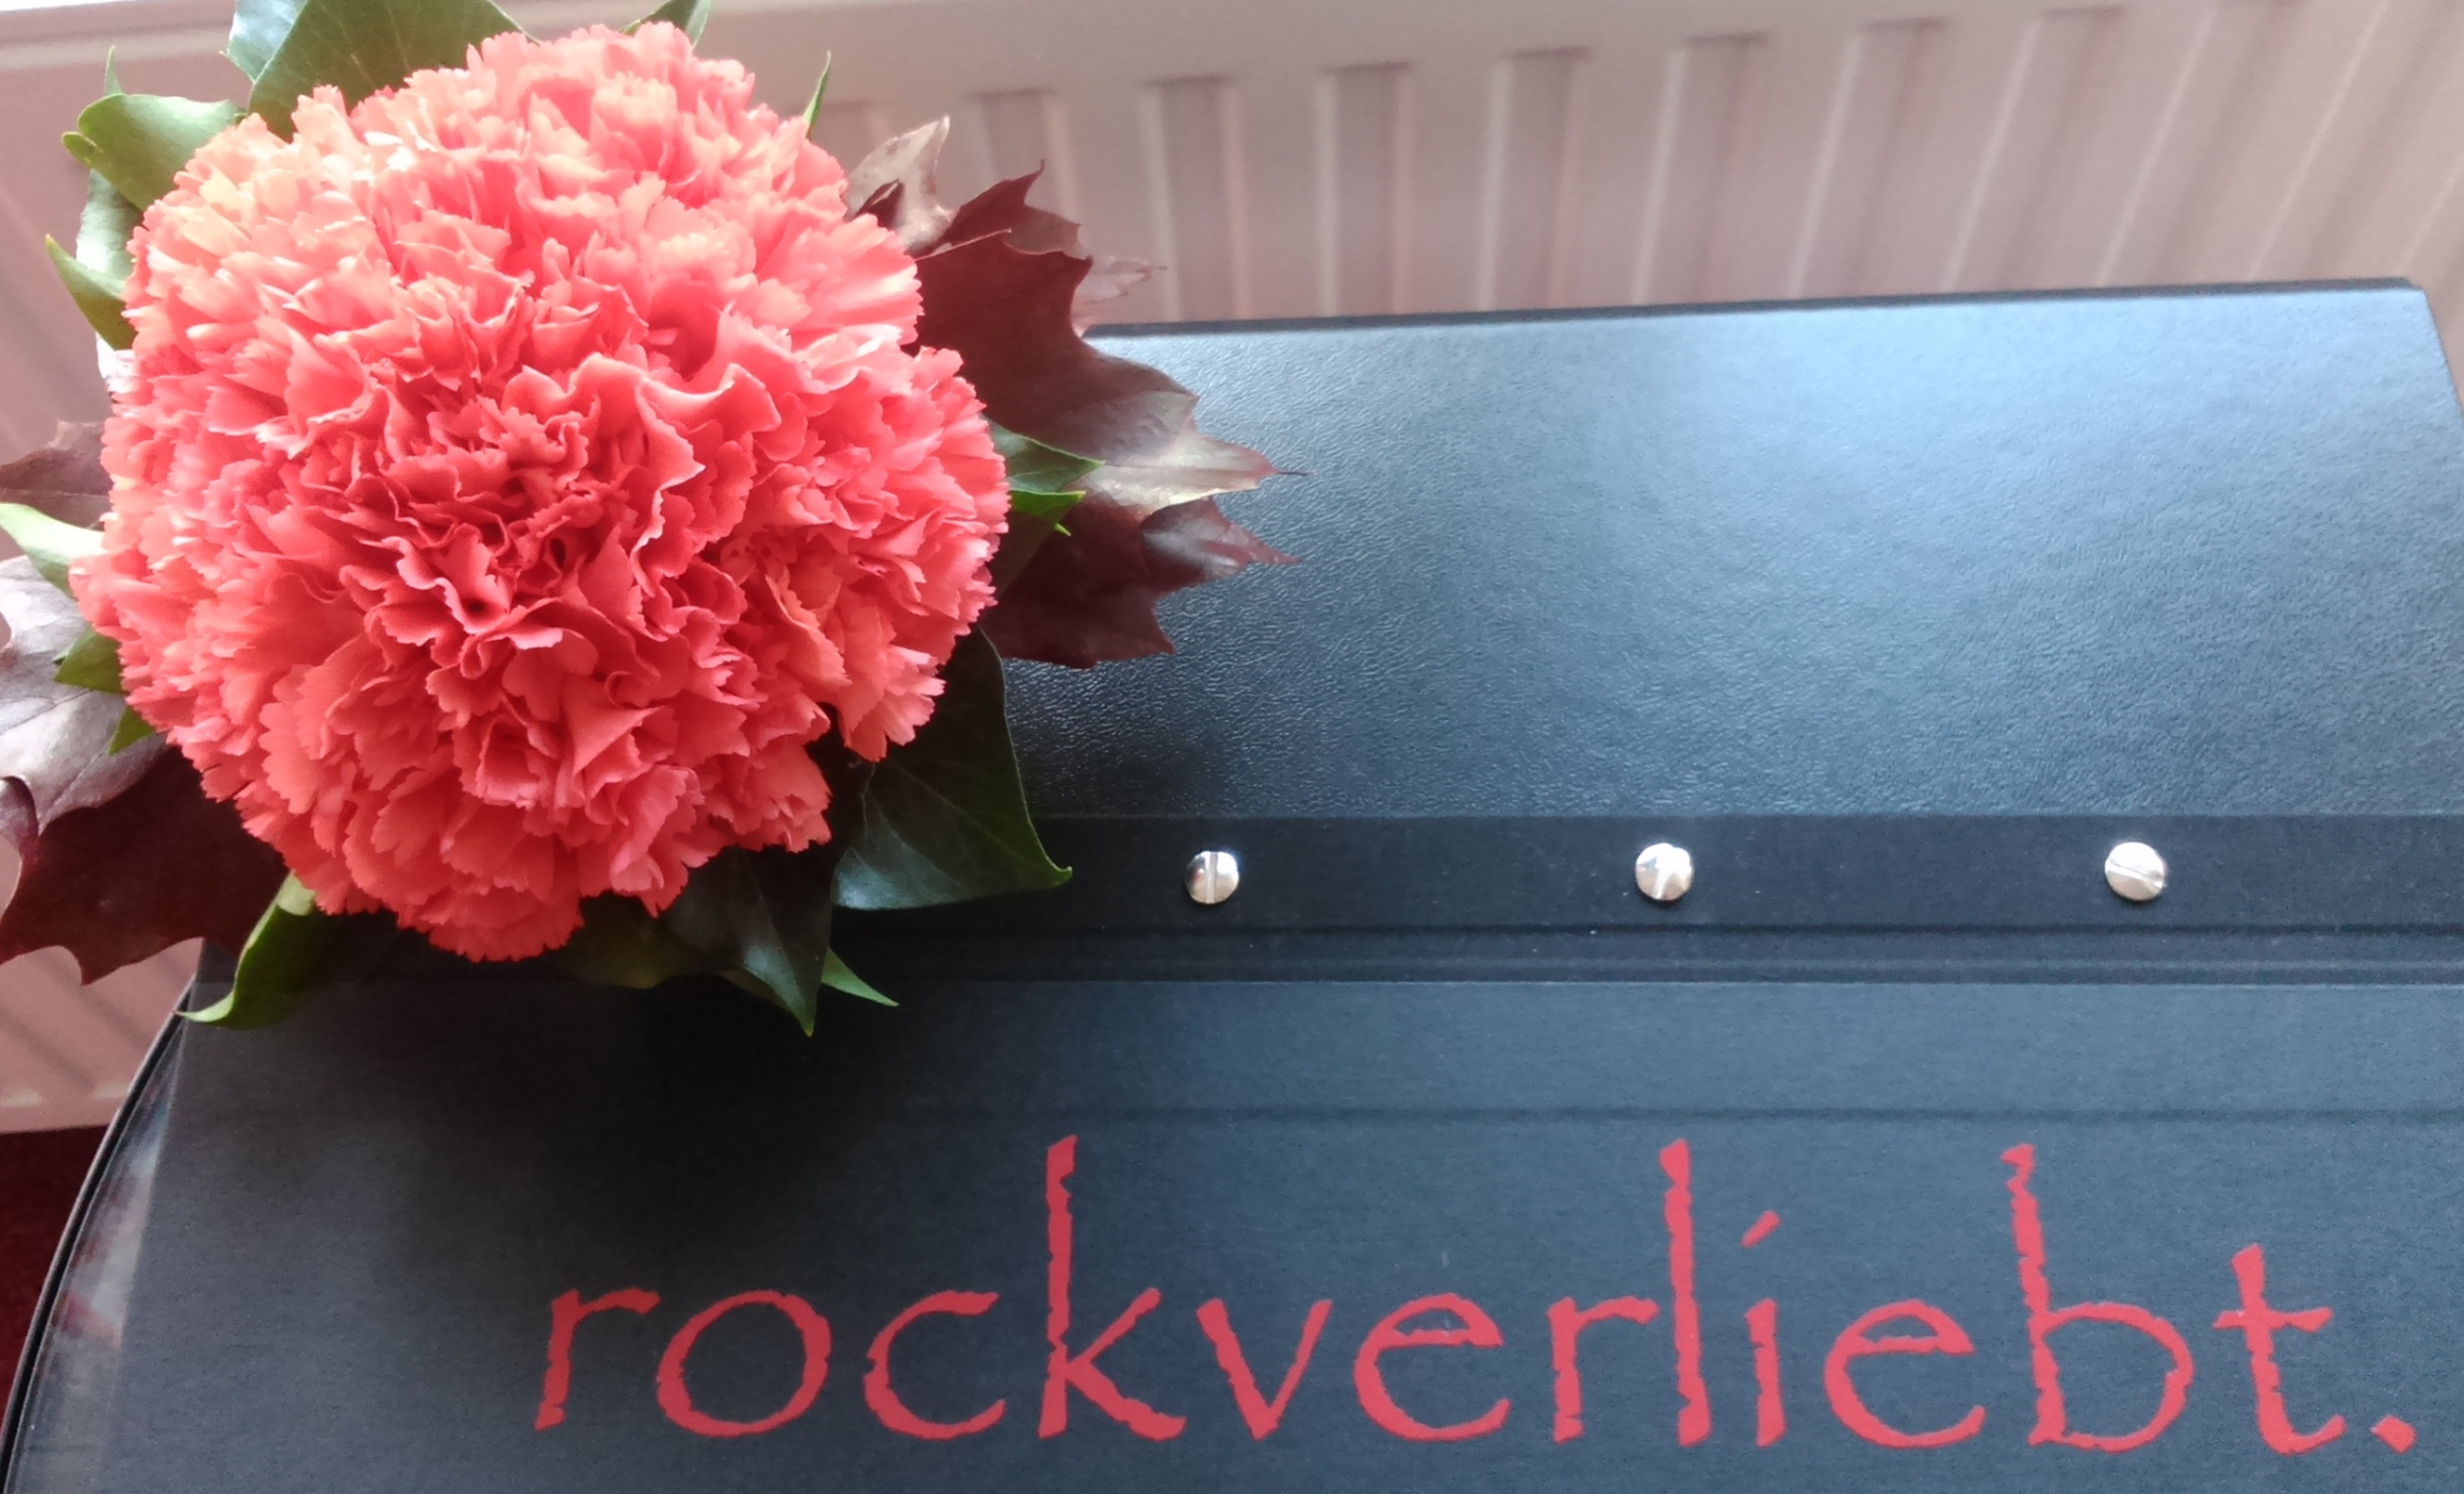 Rockverliebt